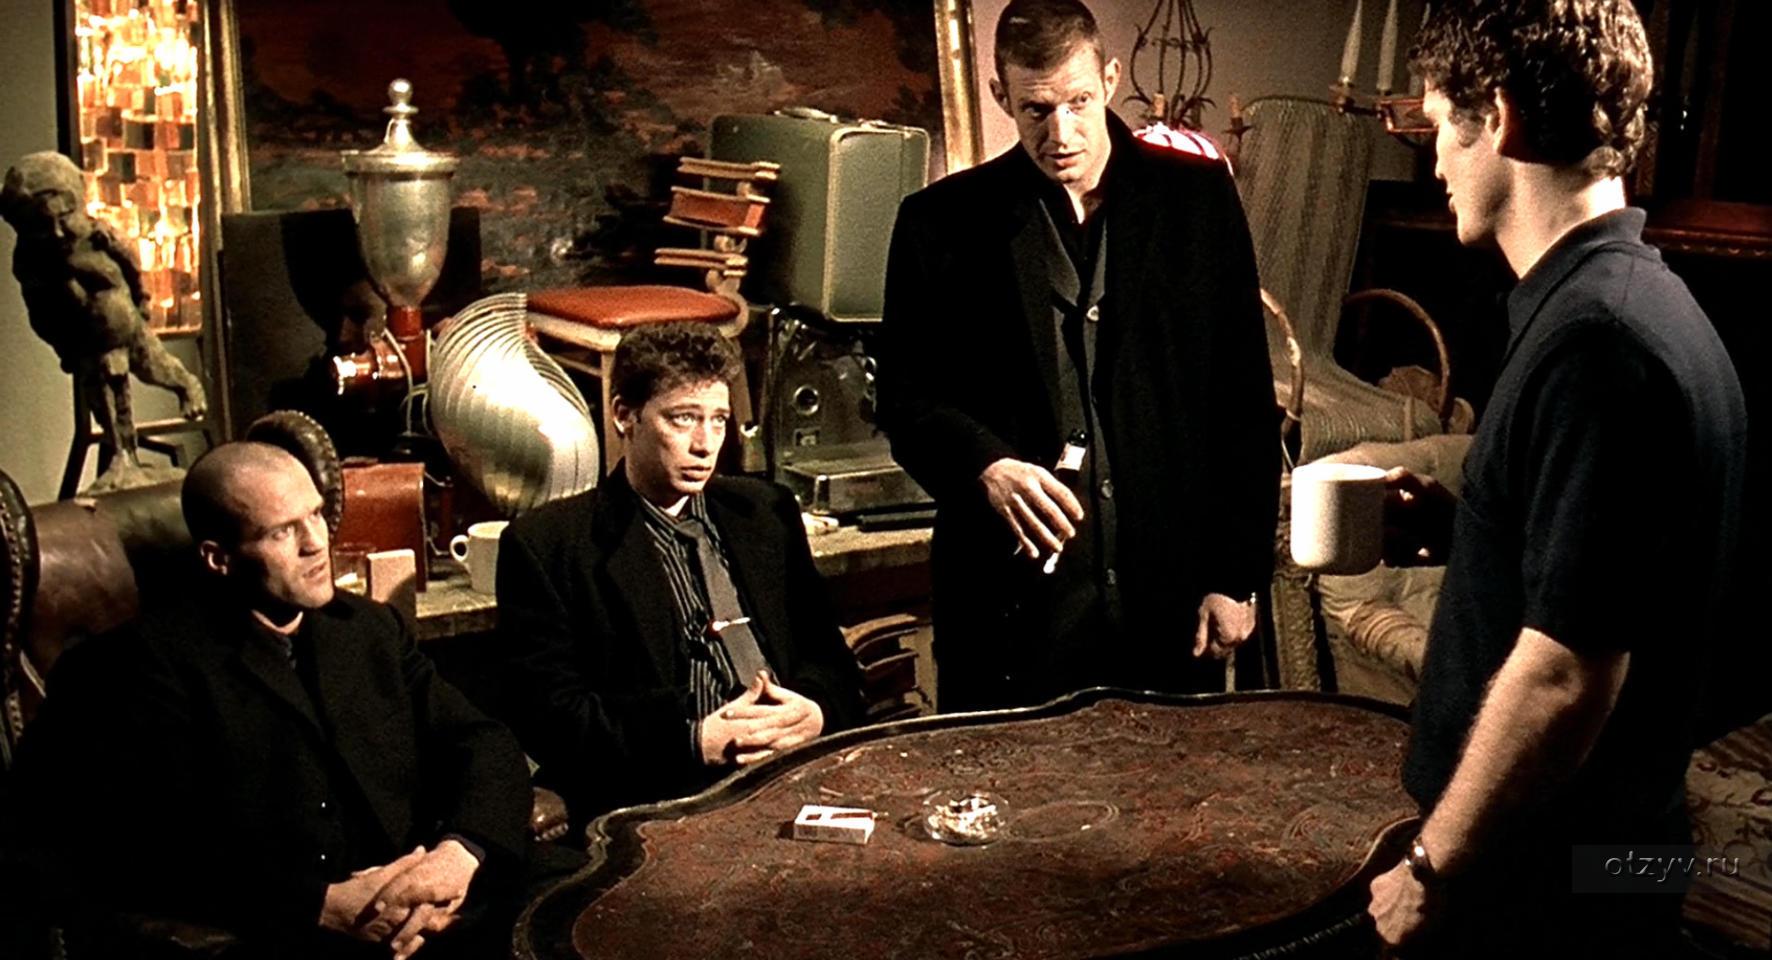 Во что играют в карты деньги два ствола игры покер на раздевания онлайн бесплатно